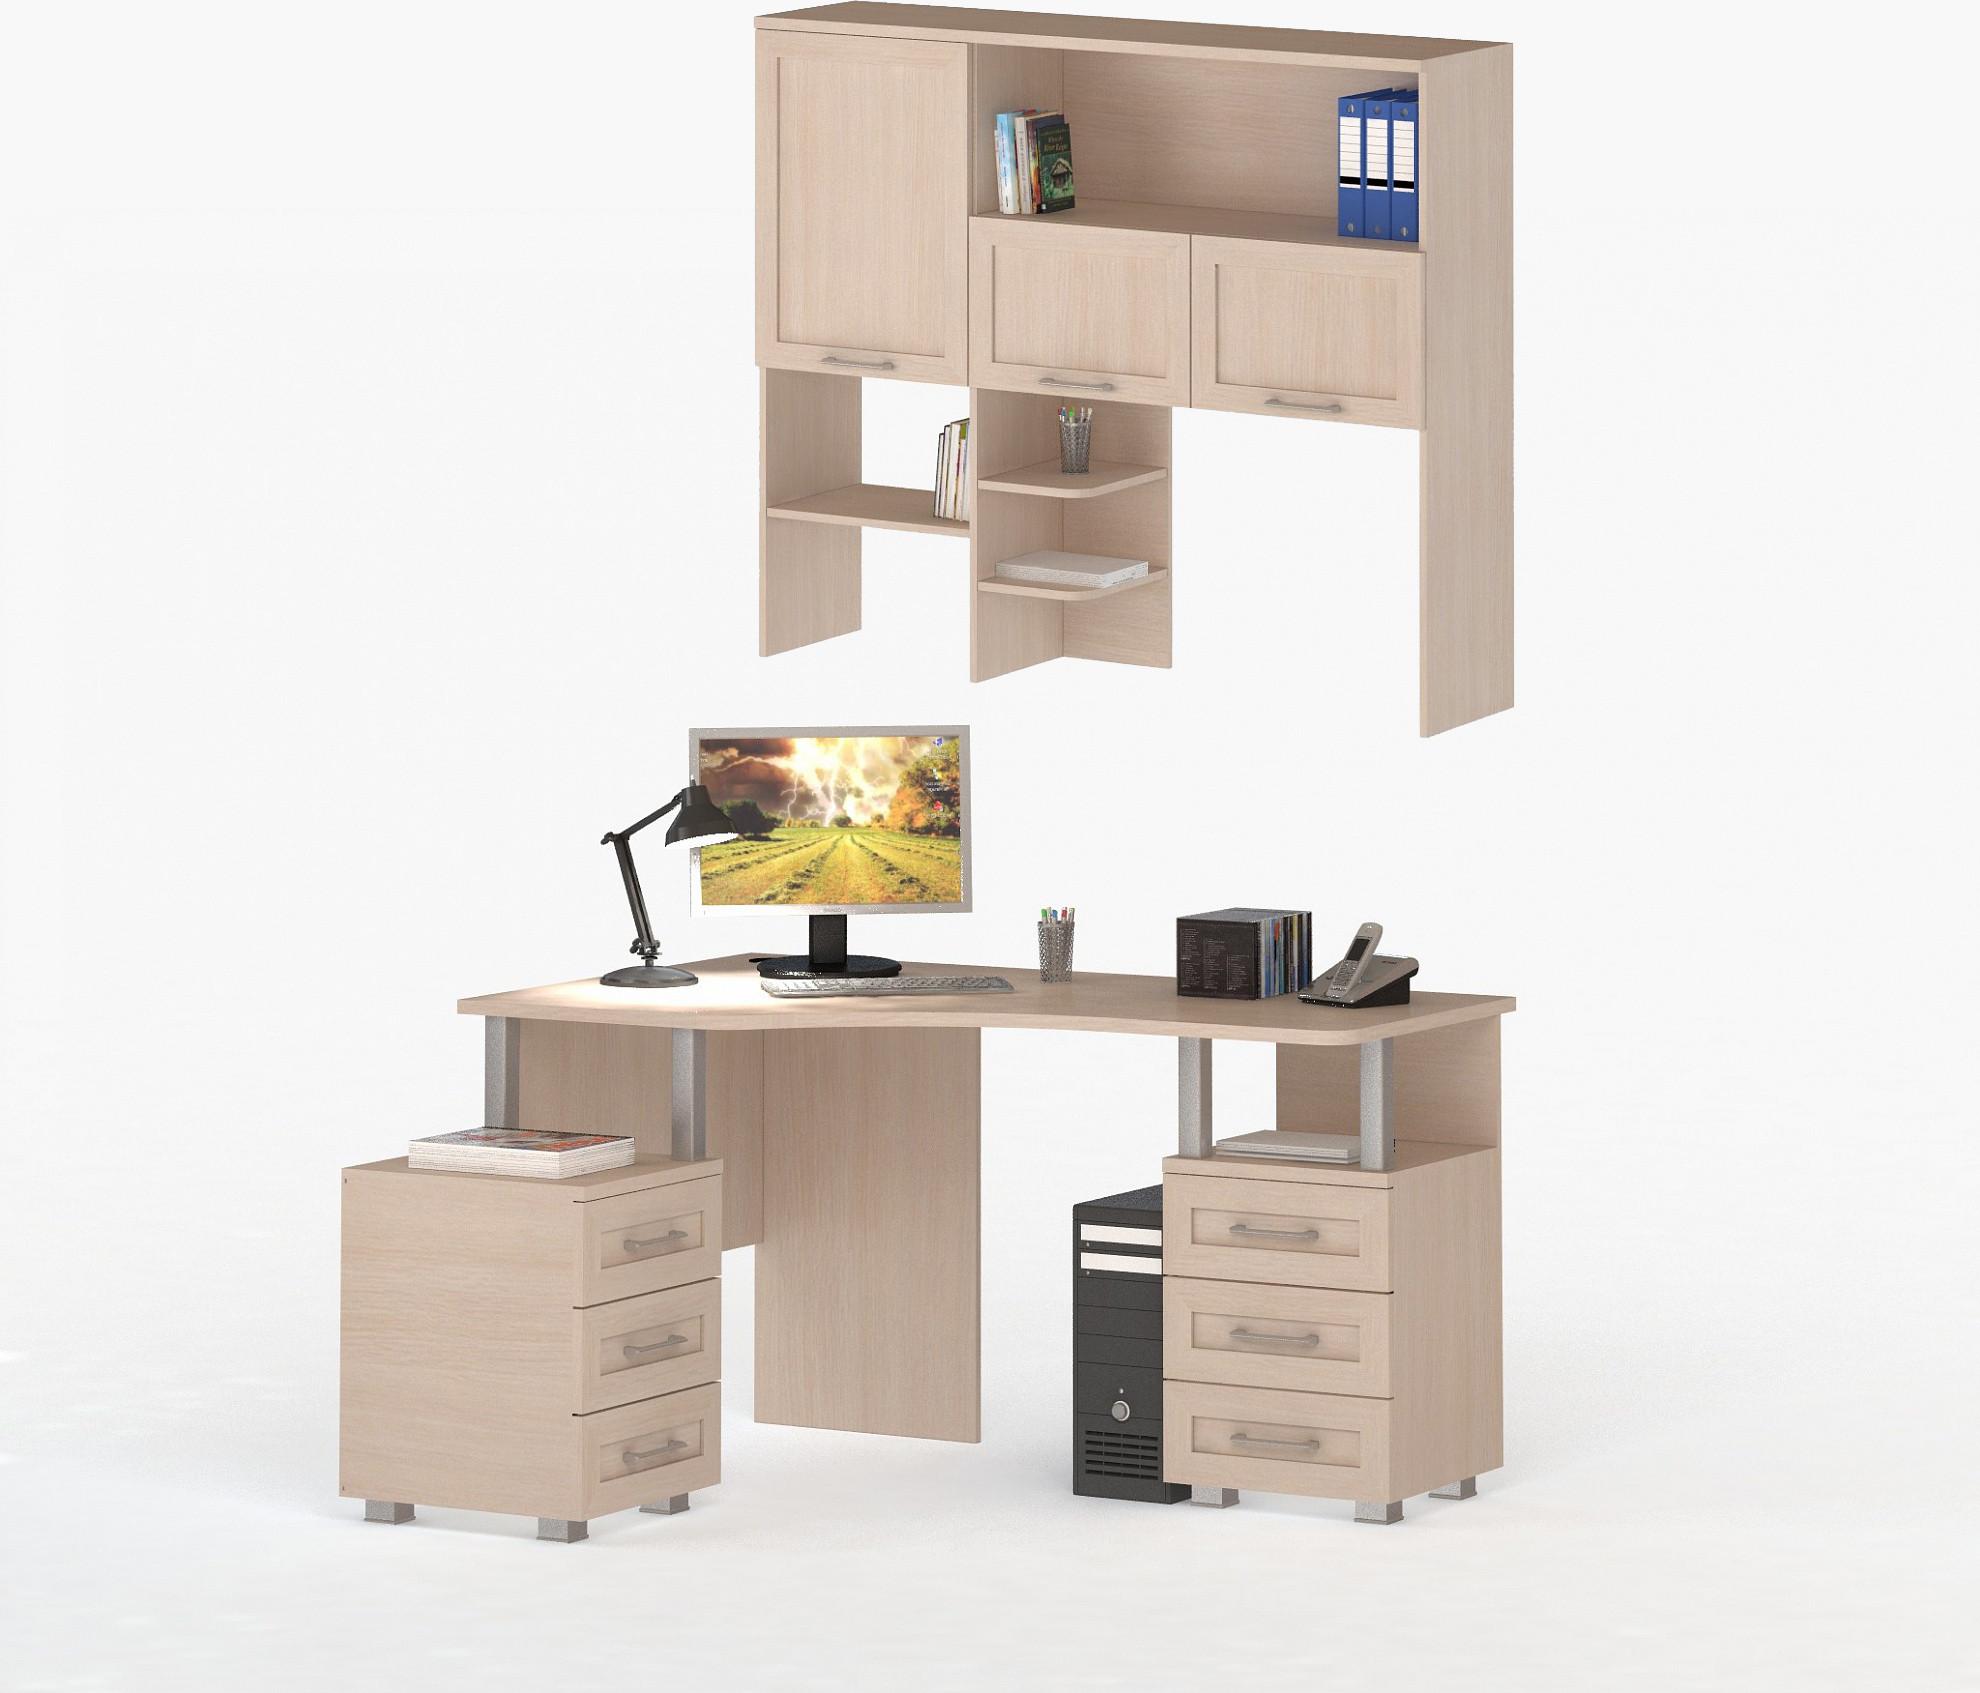 Соло 025/026 Стол компьютерный с надстройкой фасады ДСП Дуб Молочный